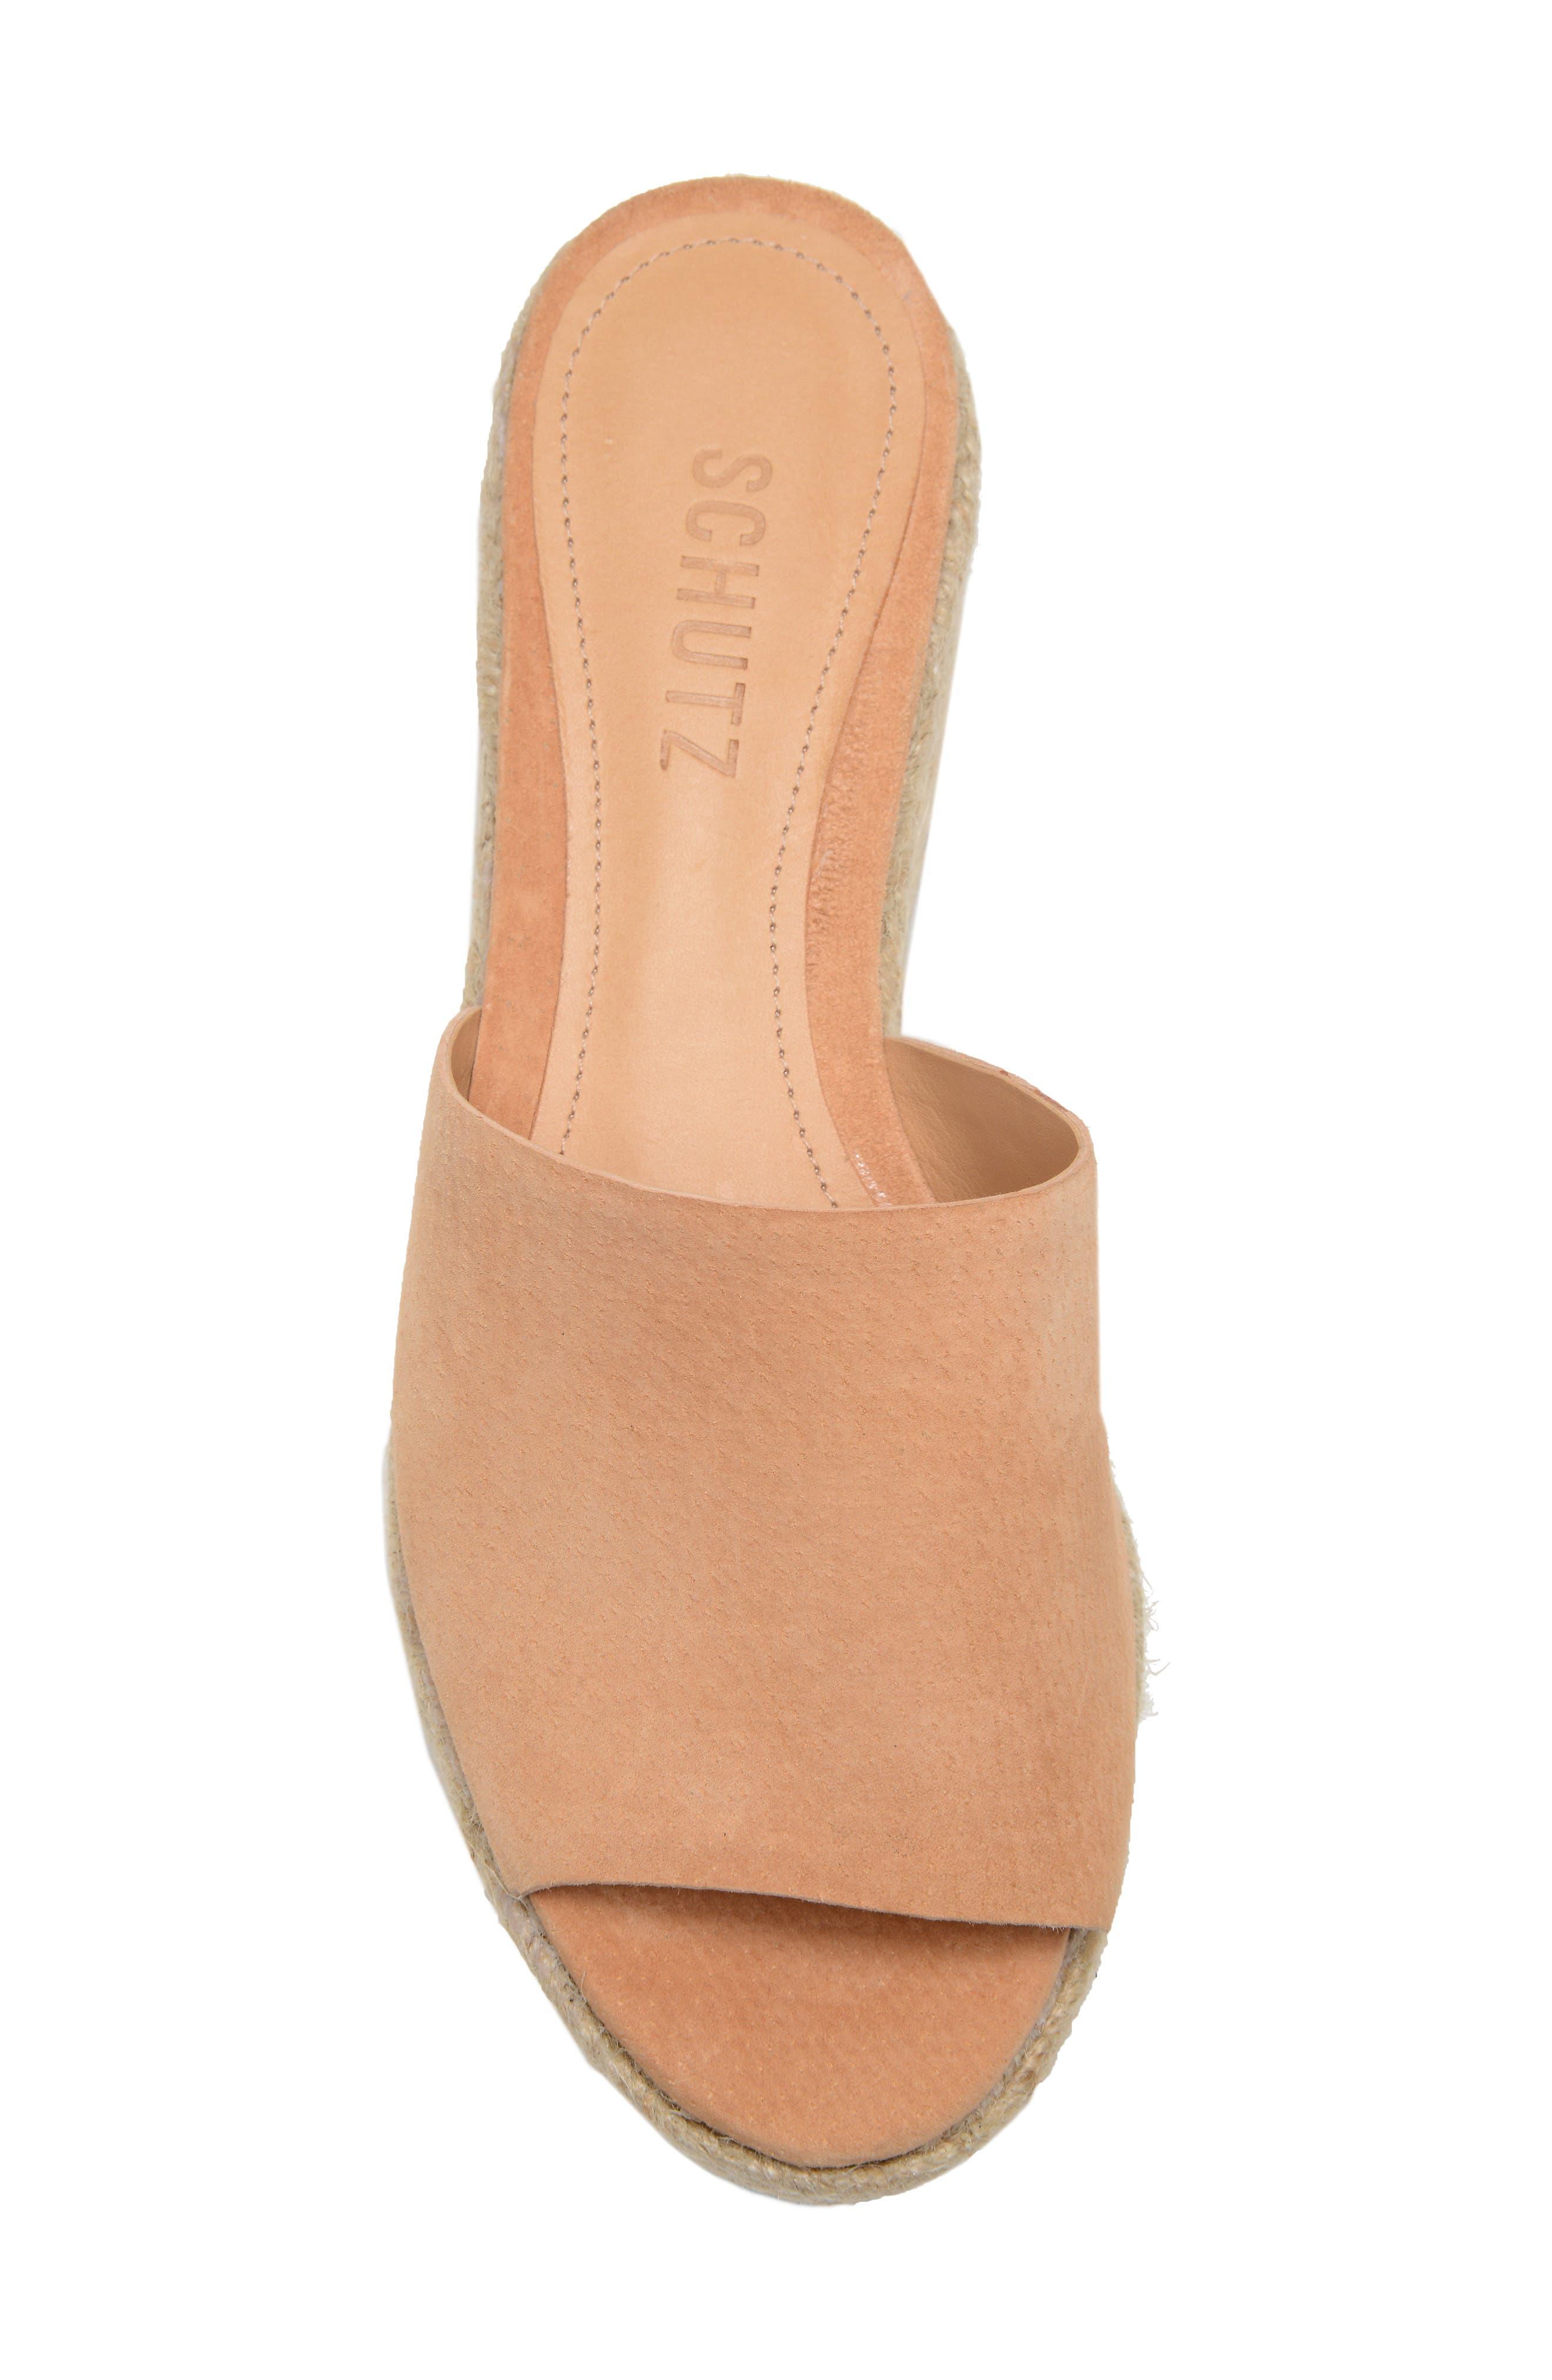 Thalia Platform Wedge Slide Sandal,                             Alternate thumbnail 5, color,                             HONEY BEIGE